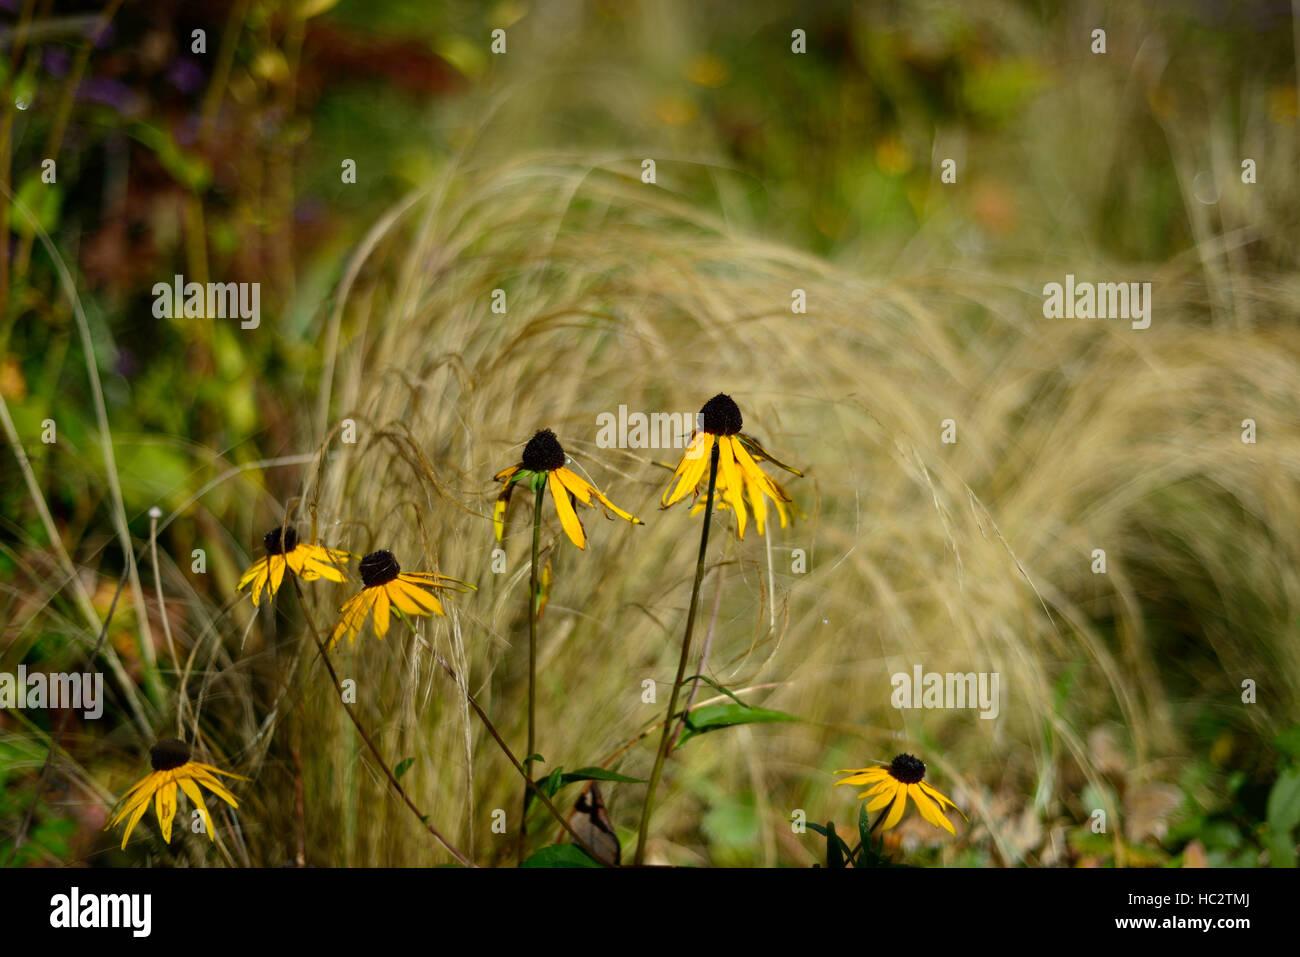 L'herbe des prairies de graminées rudbeckia plan de plantation mixte mélange d'automne automne Photo Stock